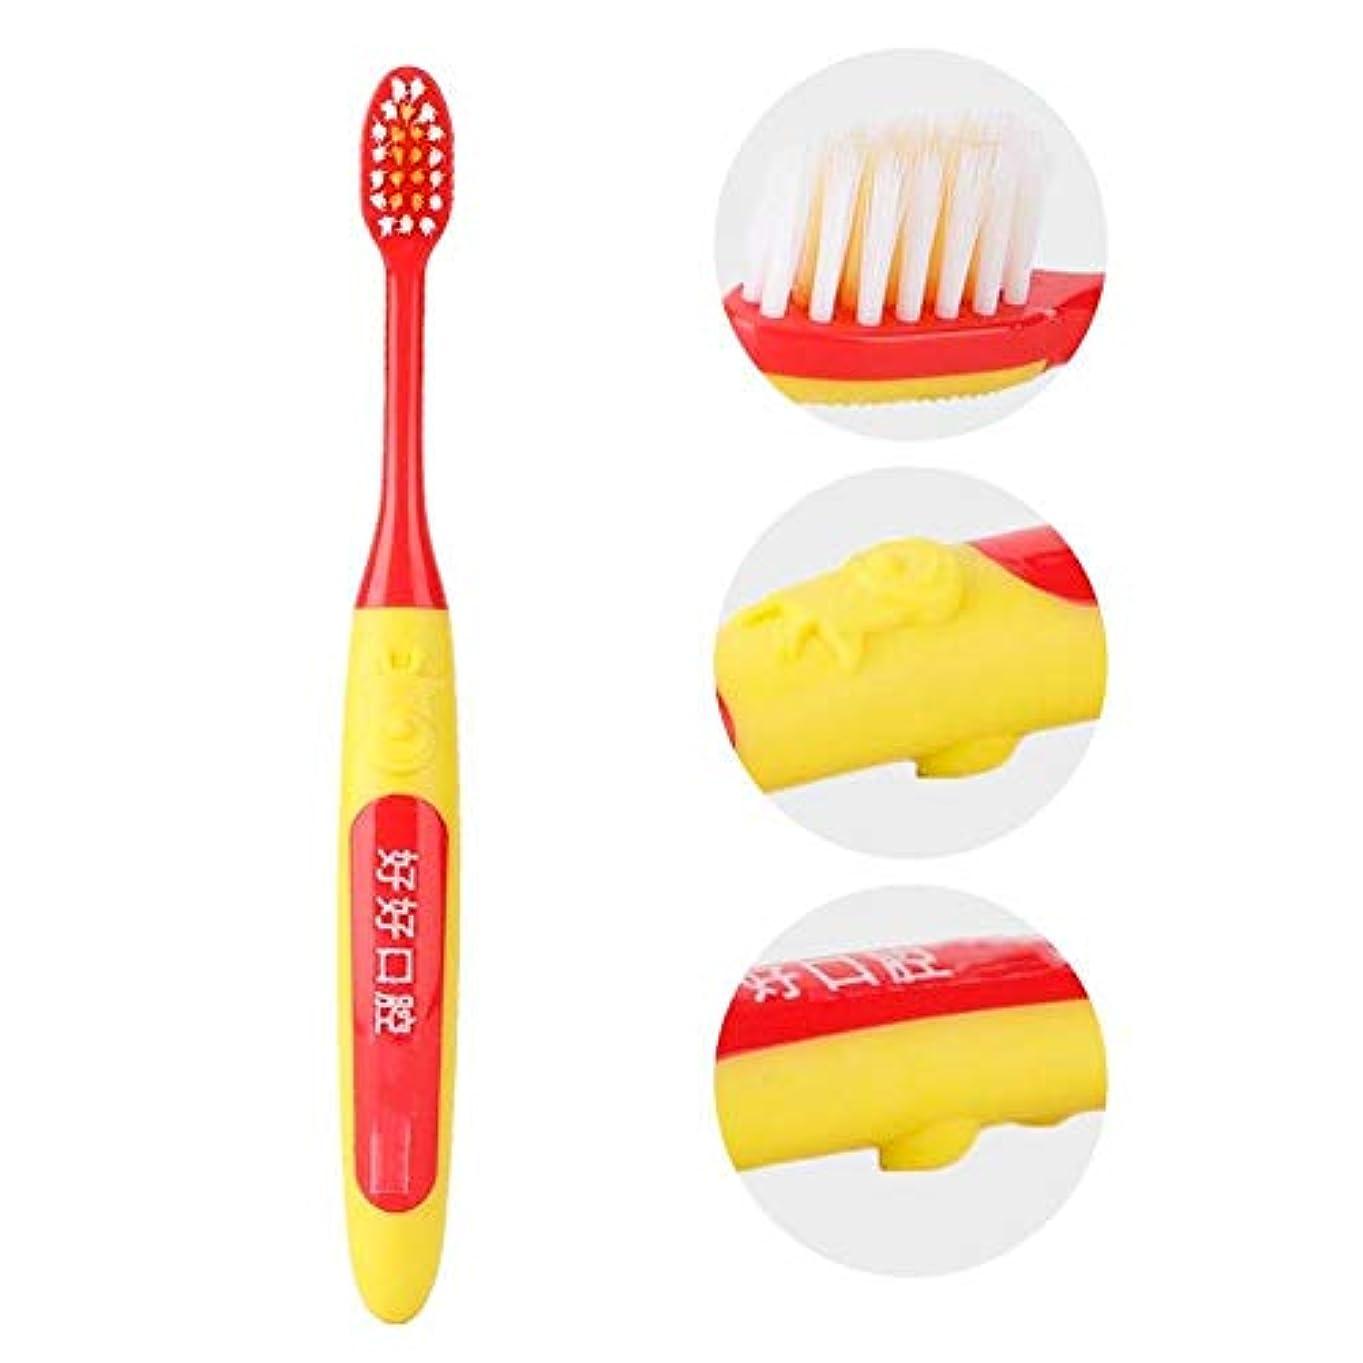 副産物非難ブレス歯ブラシ子供の柔らかい髪の歯ブラシかわいい子供のクリーニング歯ブラシオーラルケアツール(黄色いハンドル)